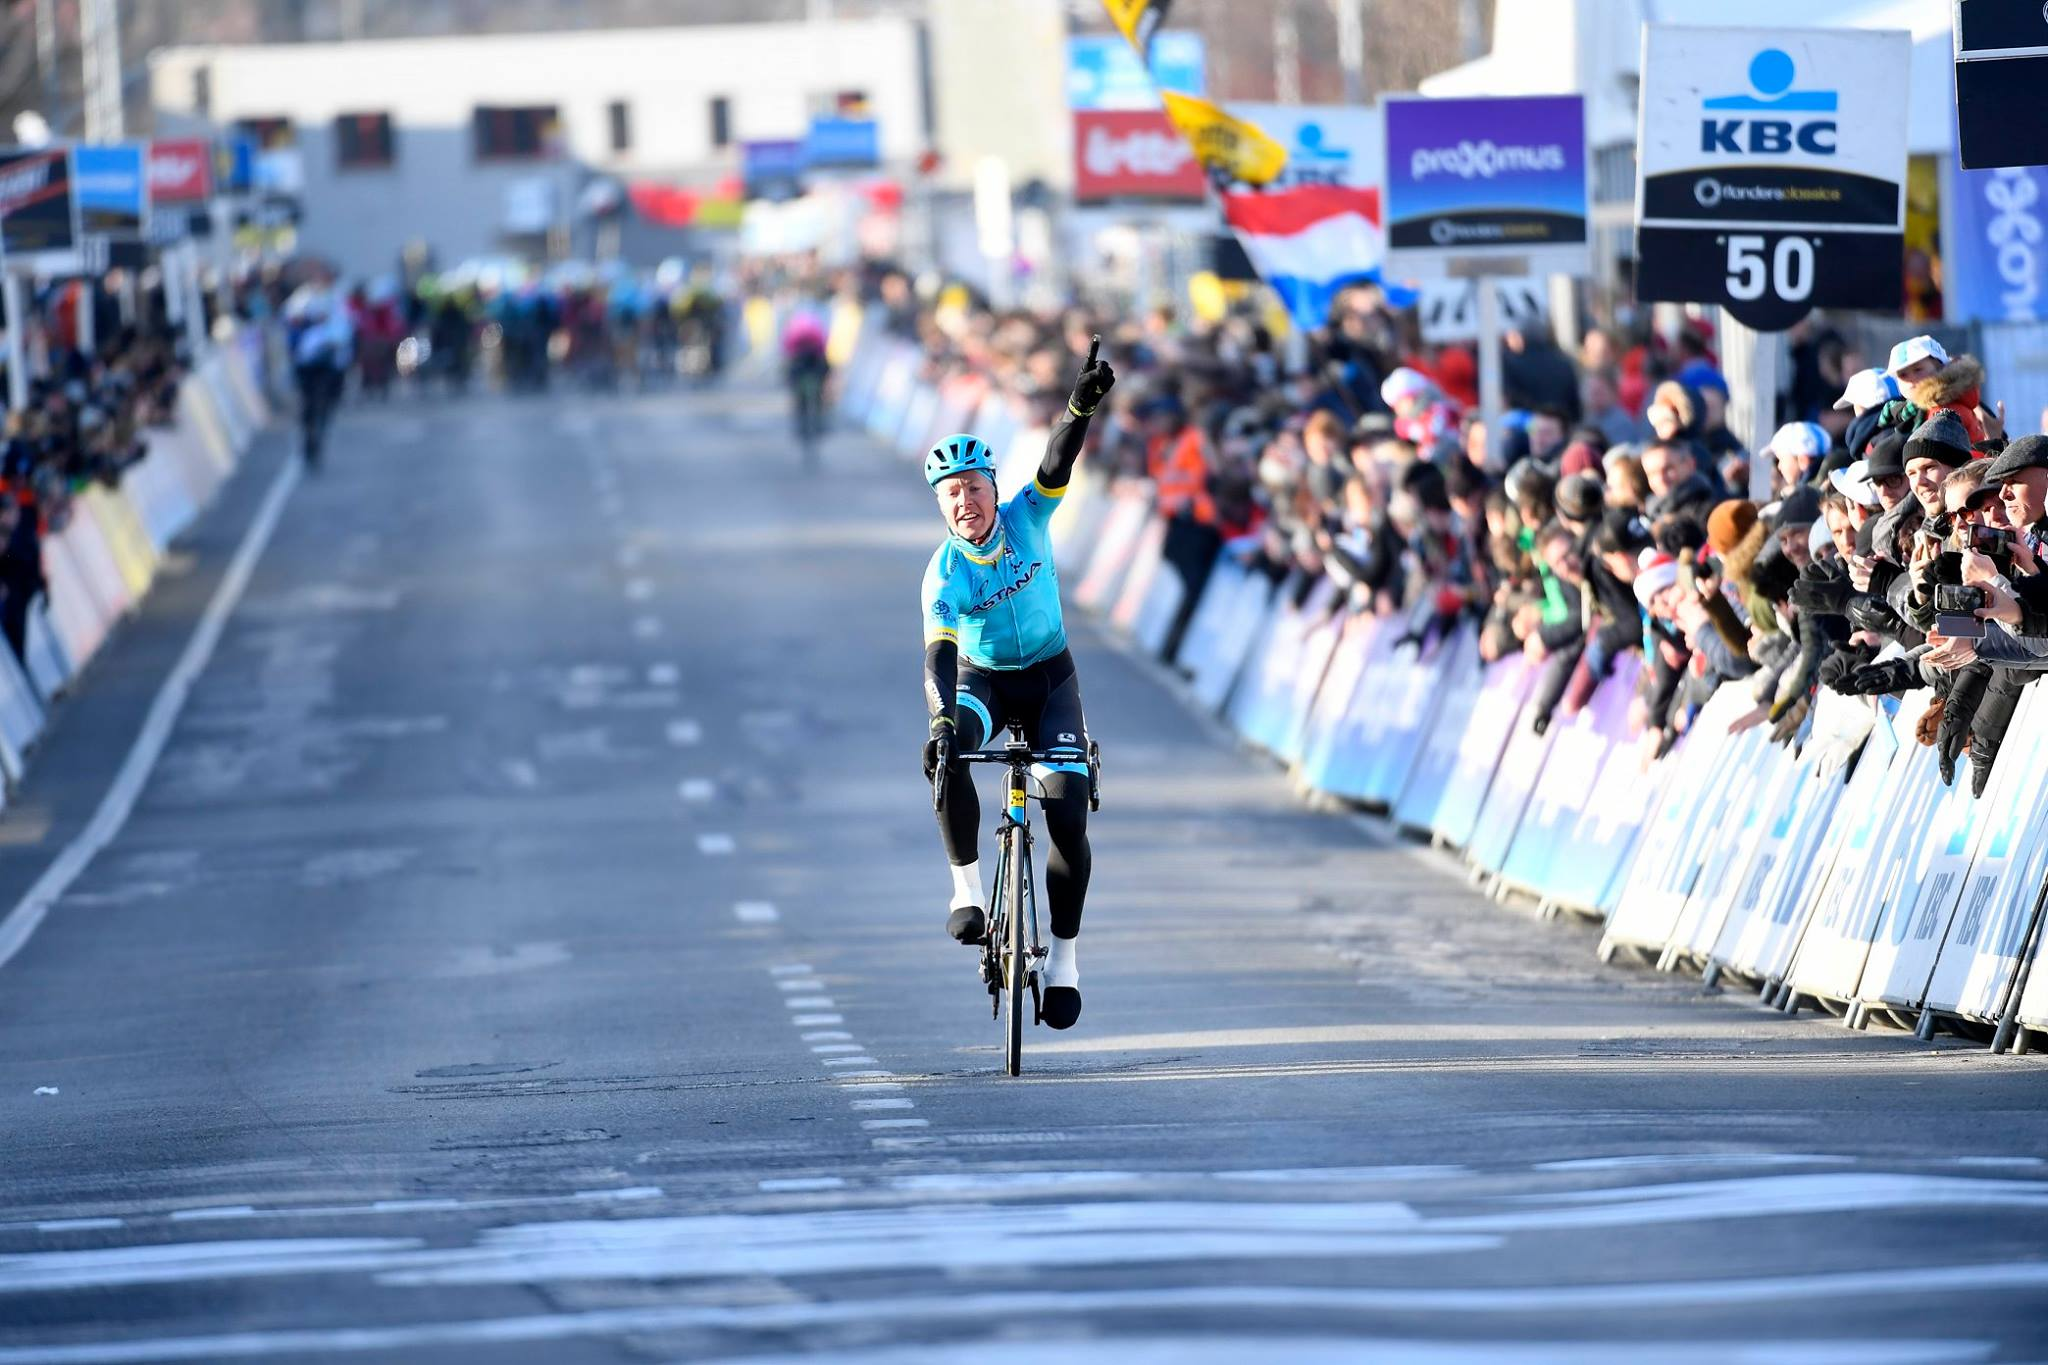 Михаэль Вальгрен выиграл велогонку «Омлууп Хет Ньюзблад Элит — 2018»